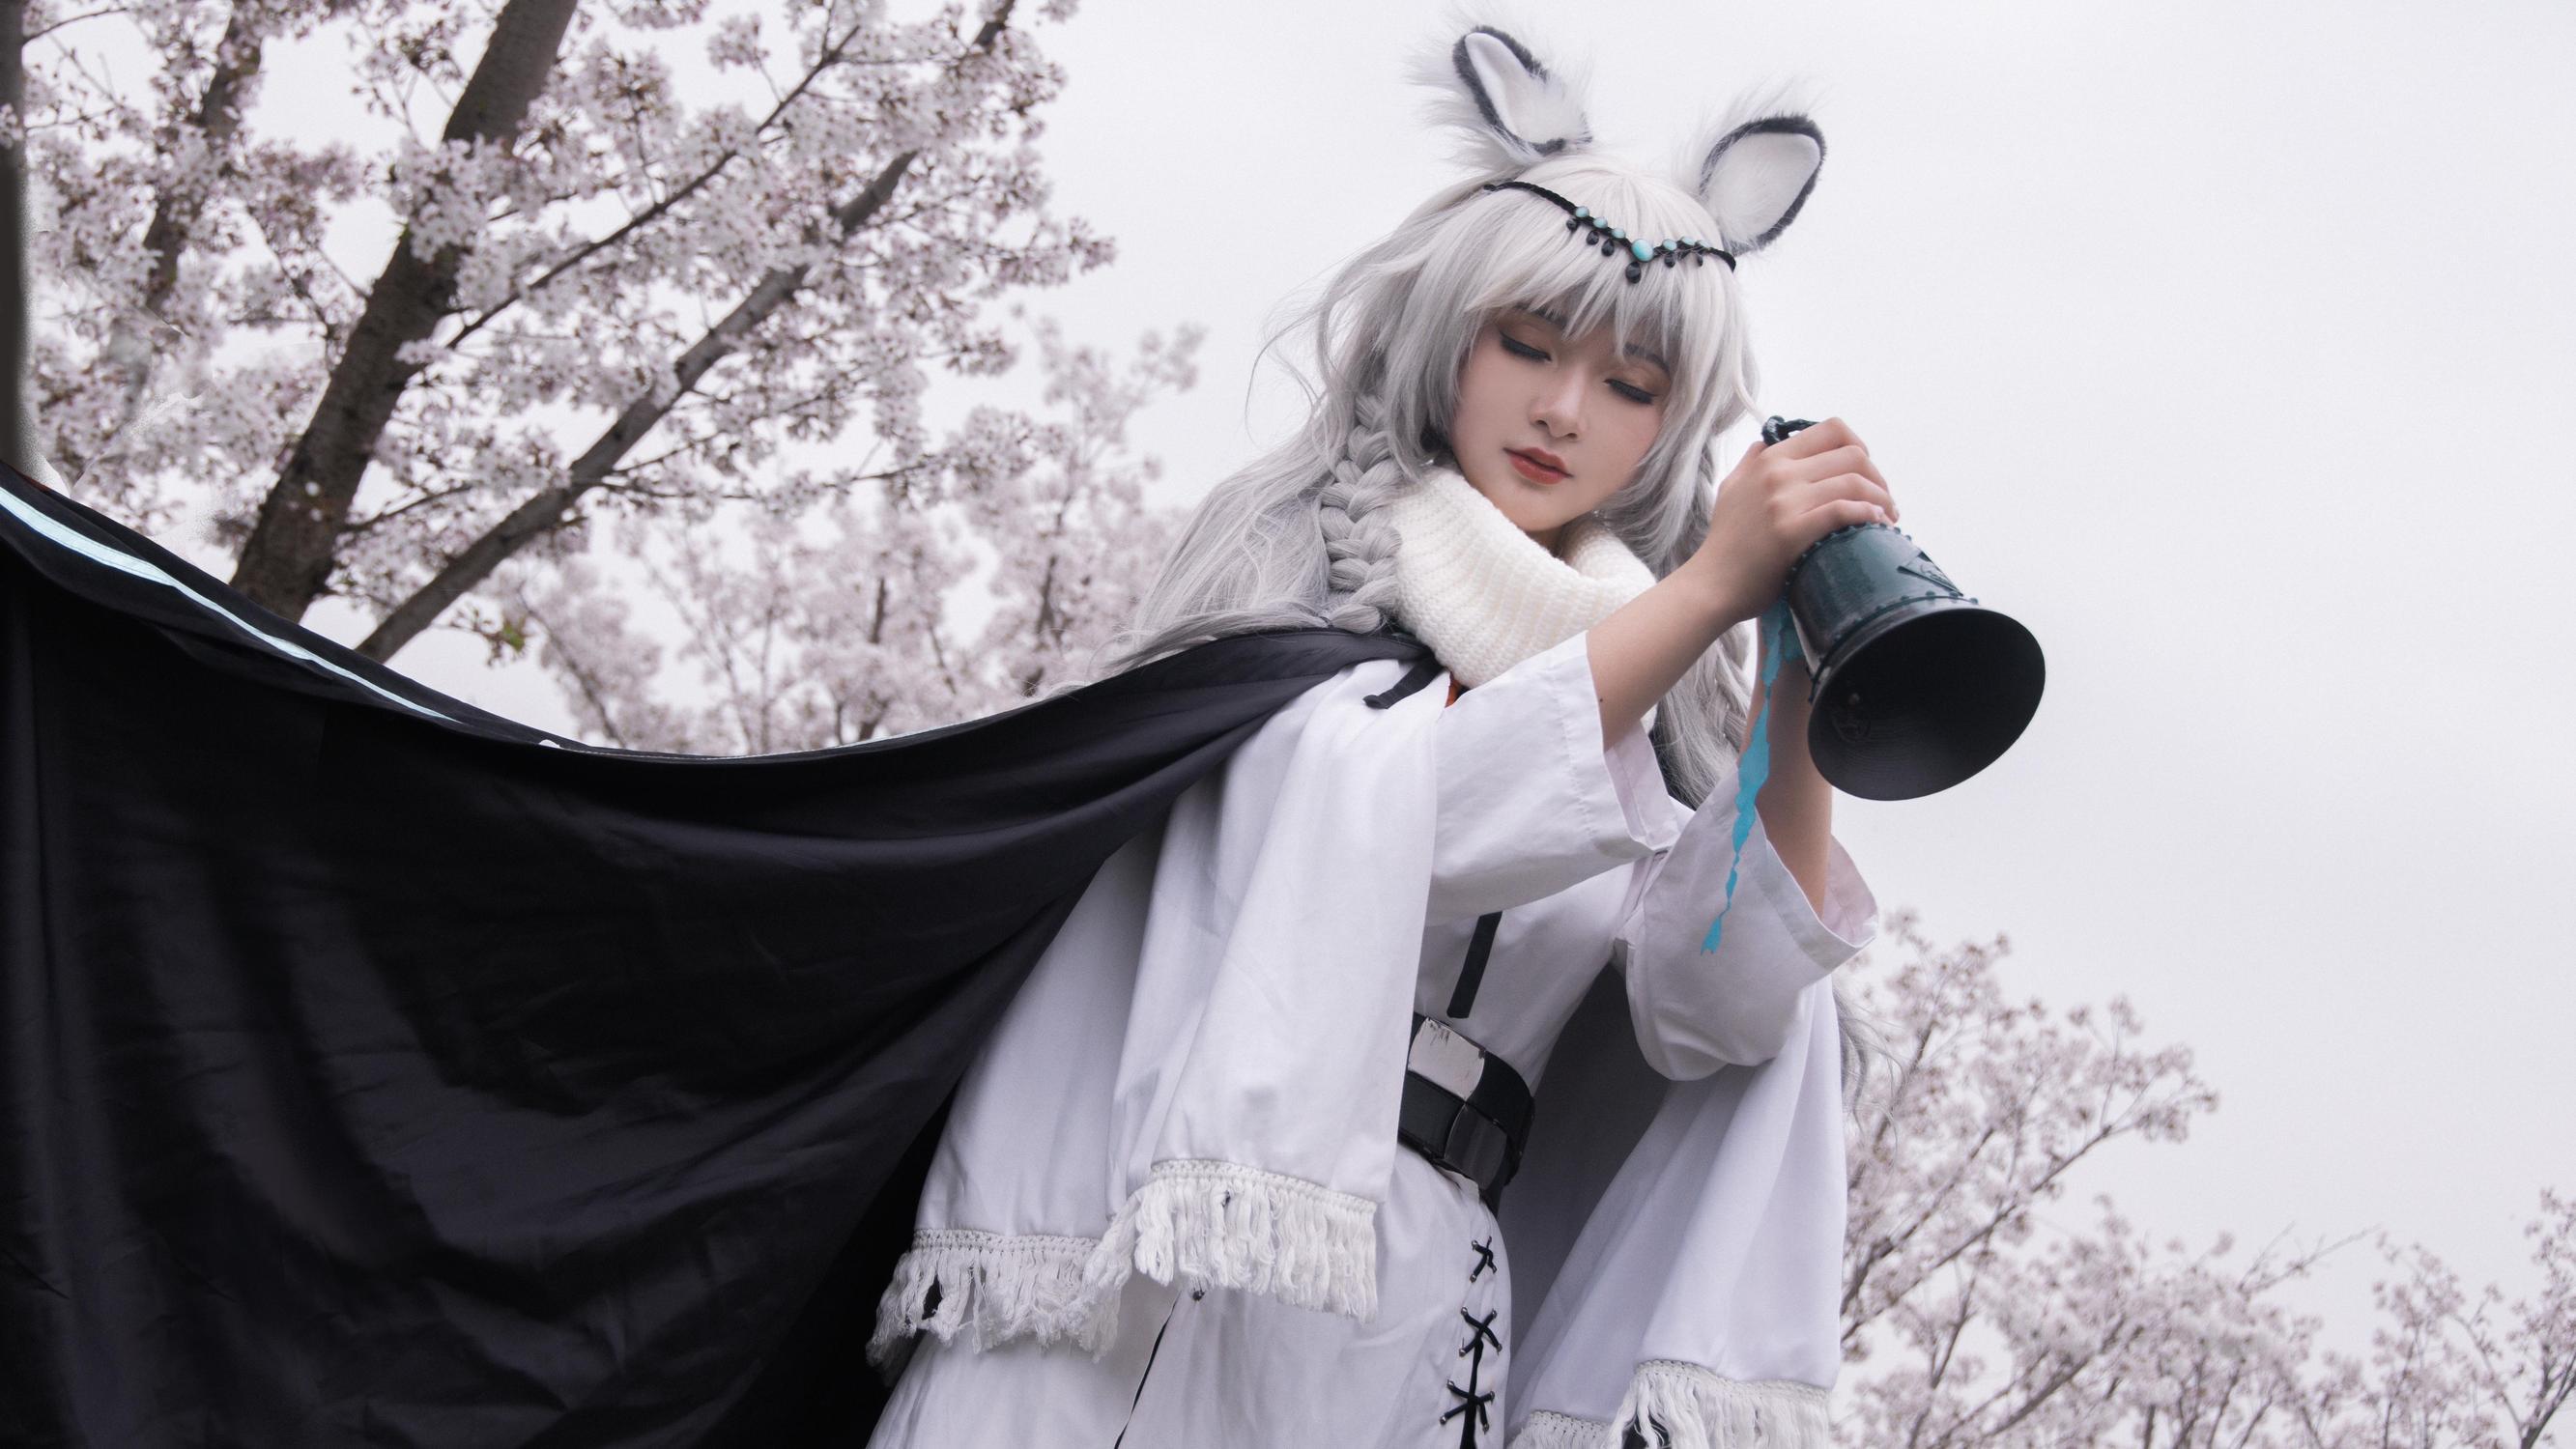 《明日方舟》初雪cosplay【CN:时初_】-第5张